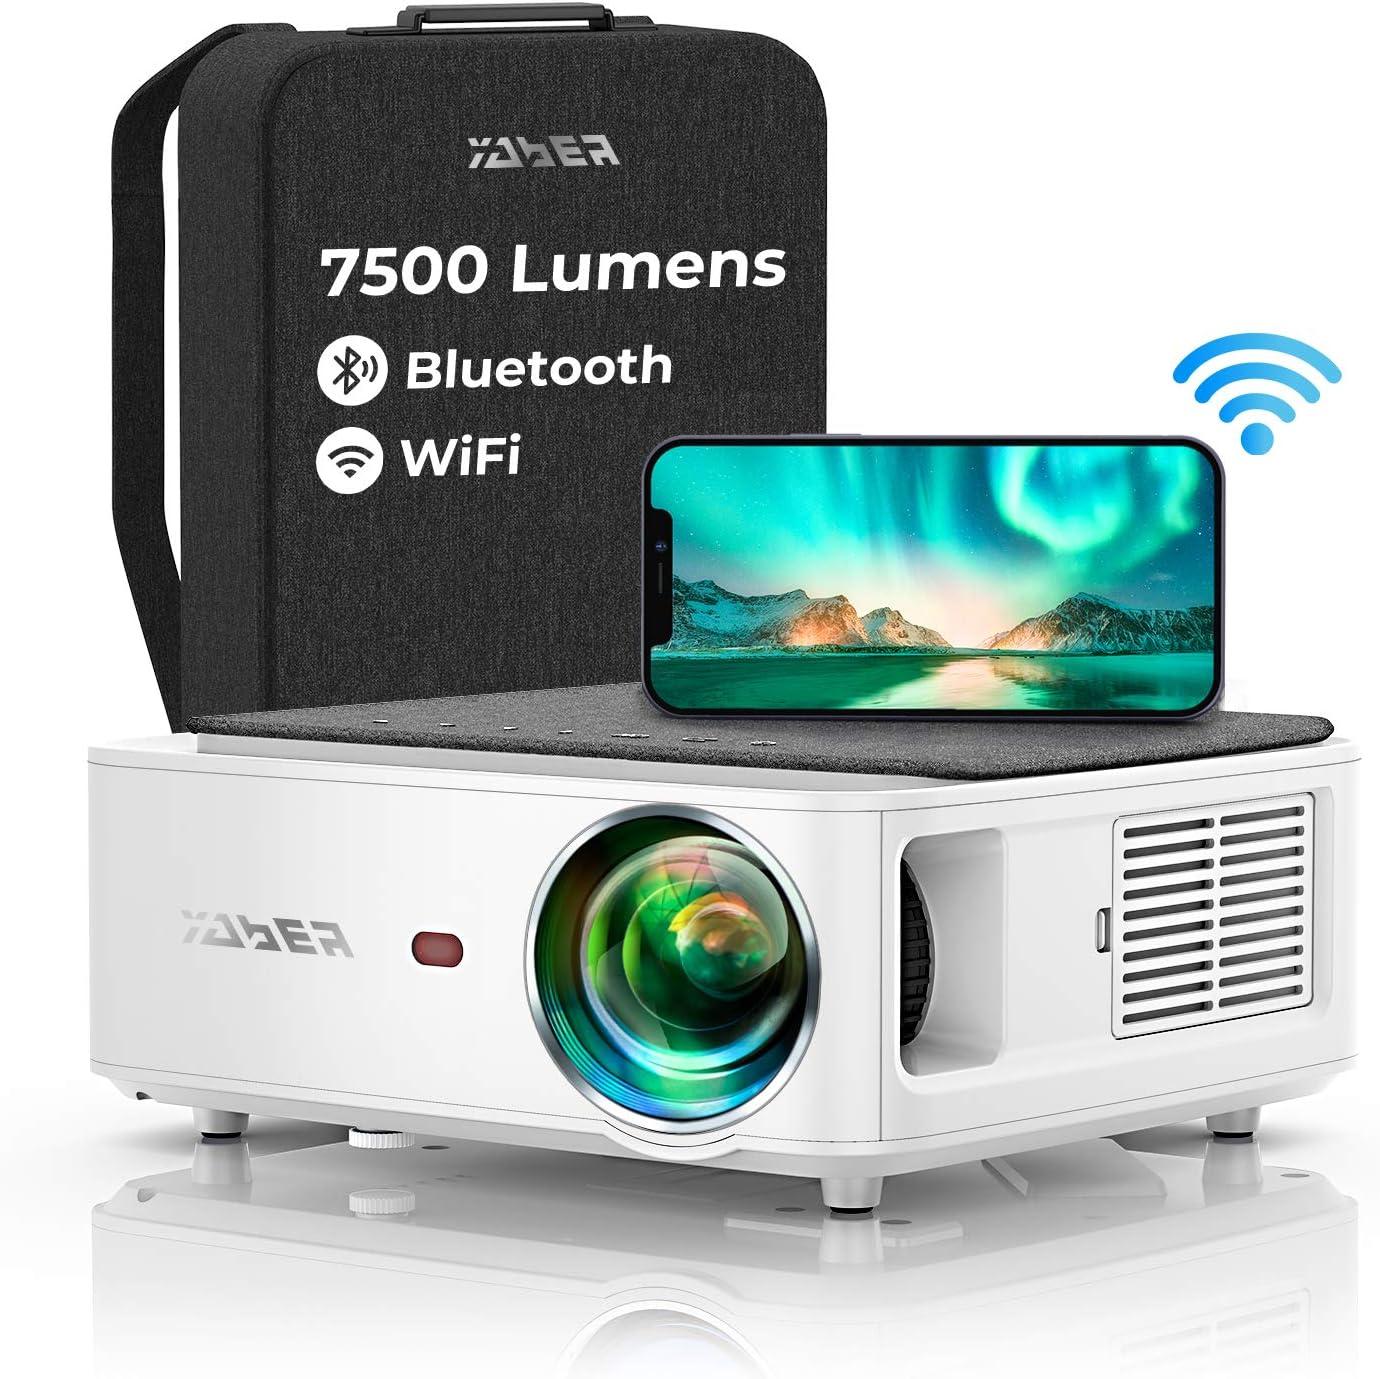 Proyector WiFi Bluetooth 1080P, YABER V6 7500 Proyector WiFi Full HD 1920x1080P Nativo, Ajuste Digital de 4 Puntos, Proyector Portátil Soporta 4K y Zoom -50%, Proyector LED para Cine en Casa y PPT